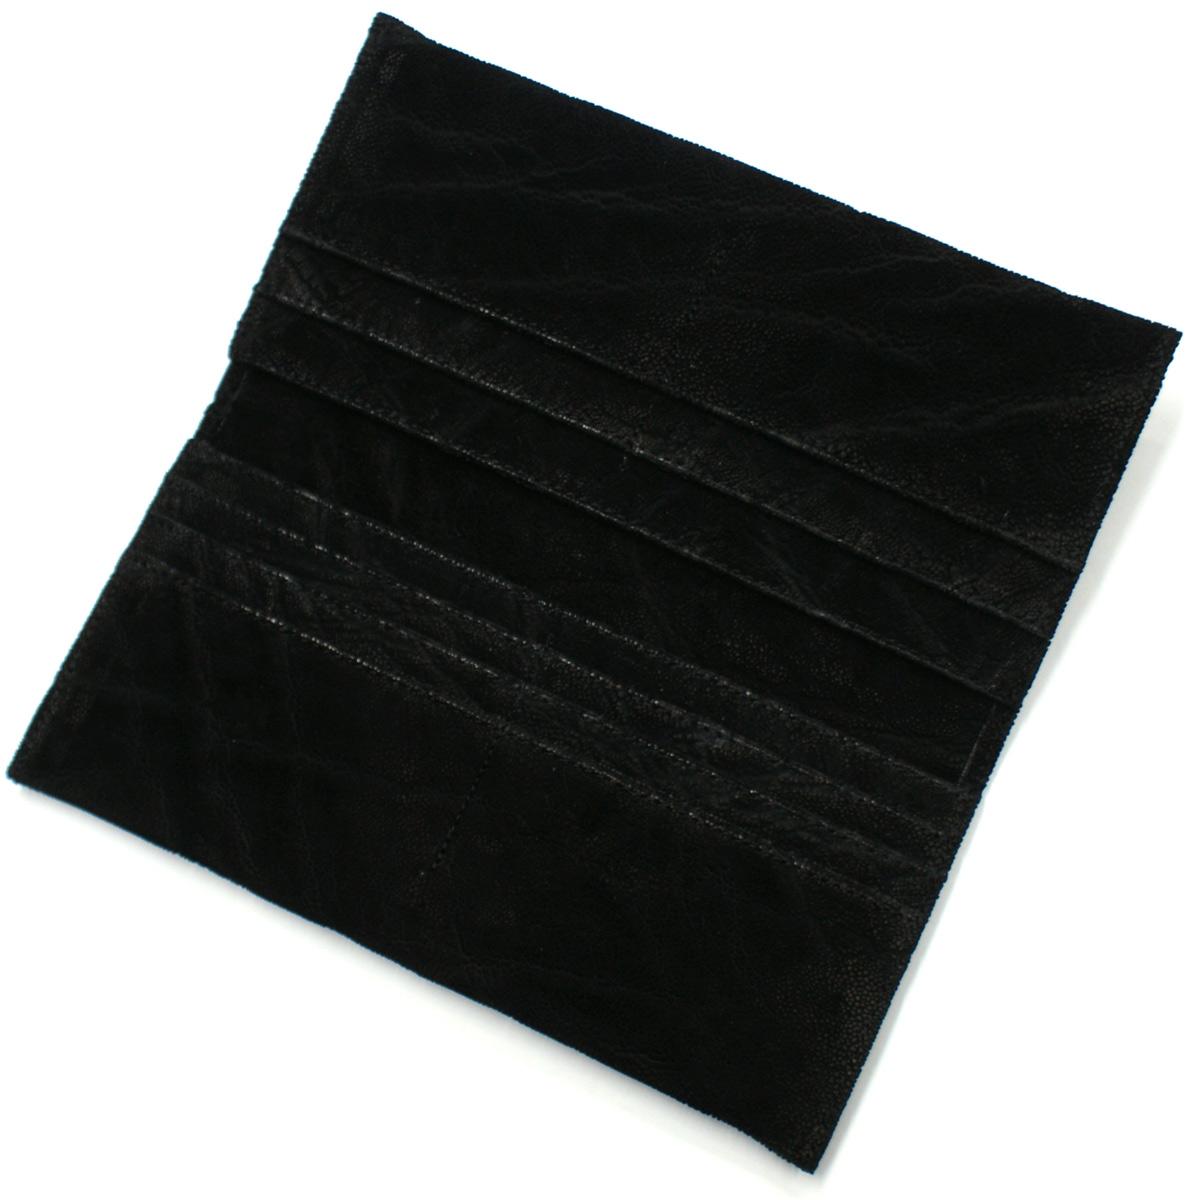 長財布 薄型 エレファントレザー 象革 ゾウ革 無双仕様 マチなし 小銭入れなし ブラック